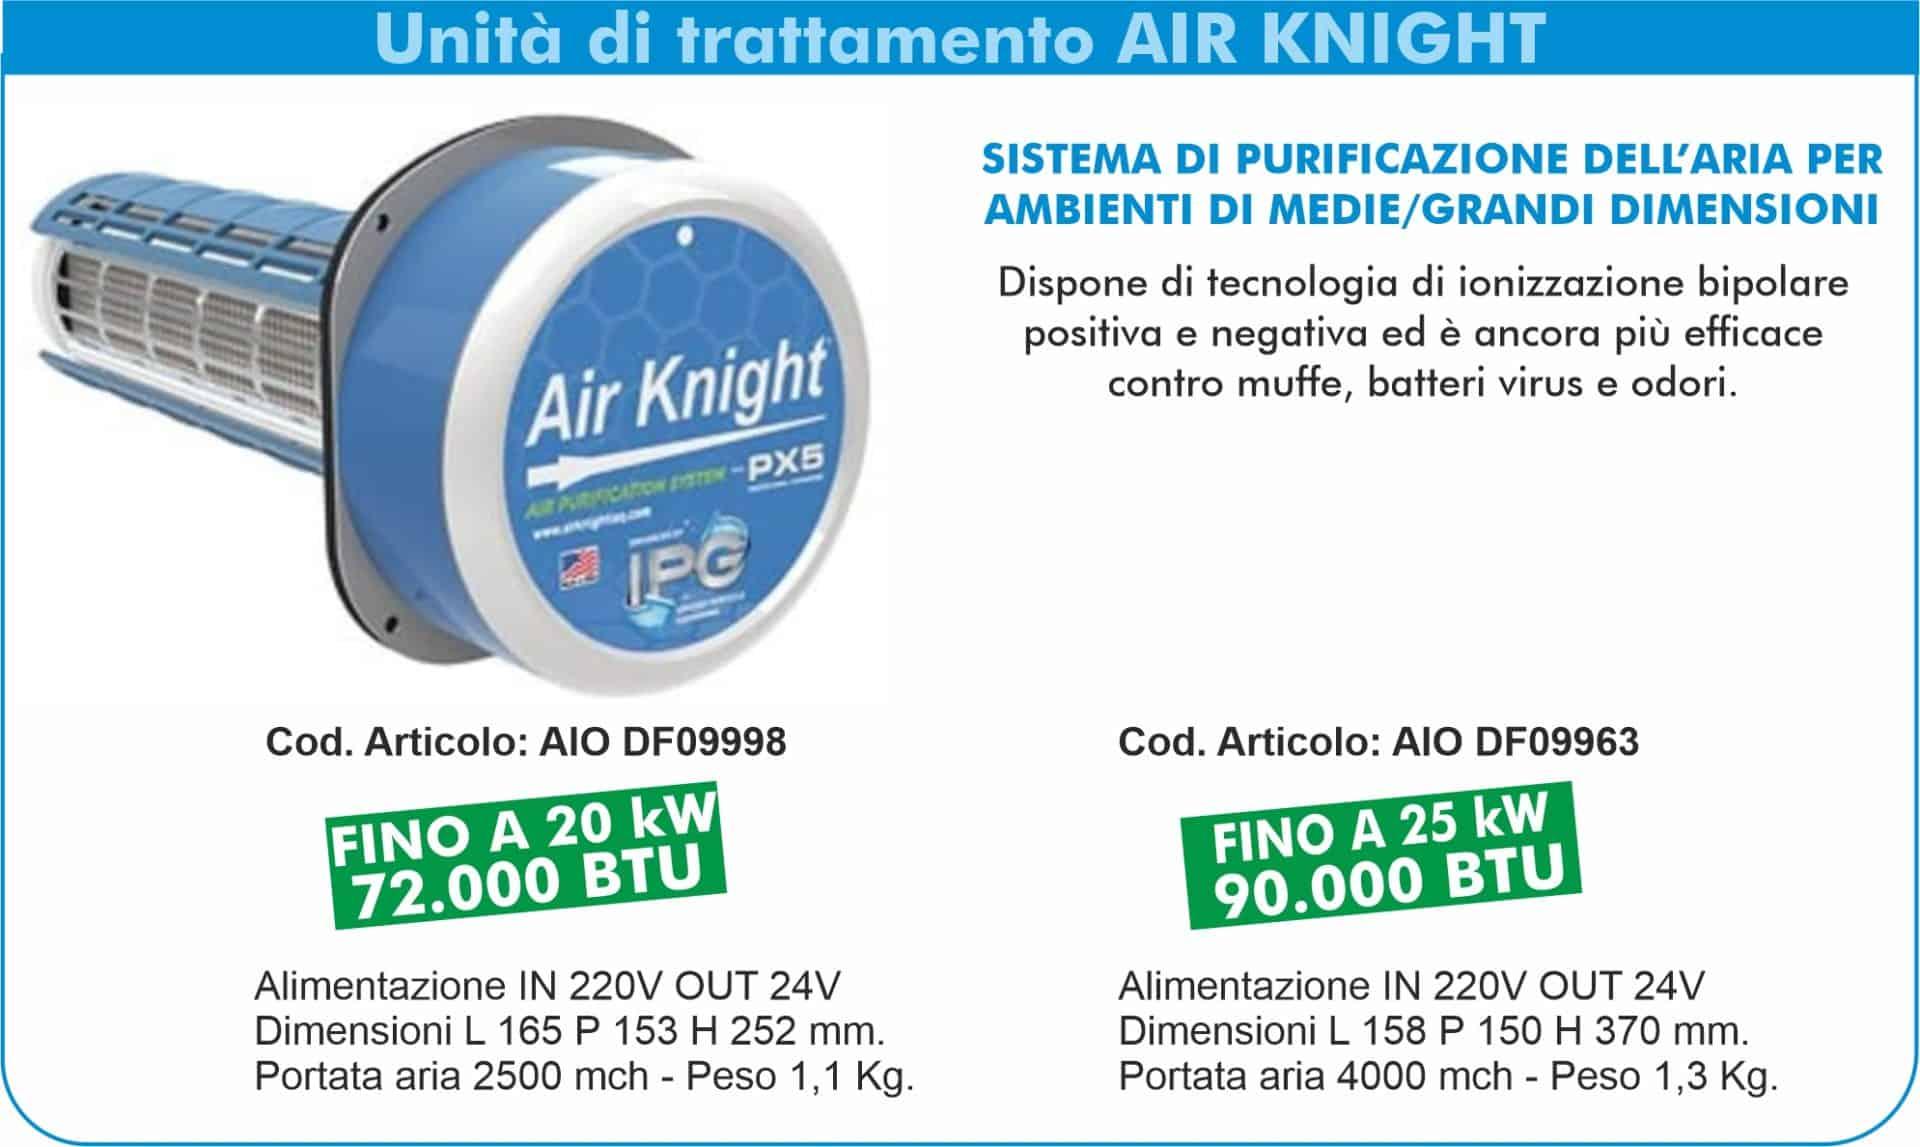 Sistemi di sanificazione attiva Dust Free | Elettrogruppo ZeroUno | TO | unità di trattamento air knight